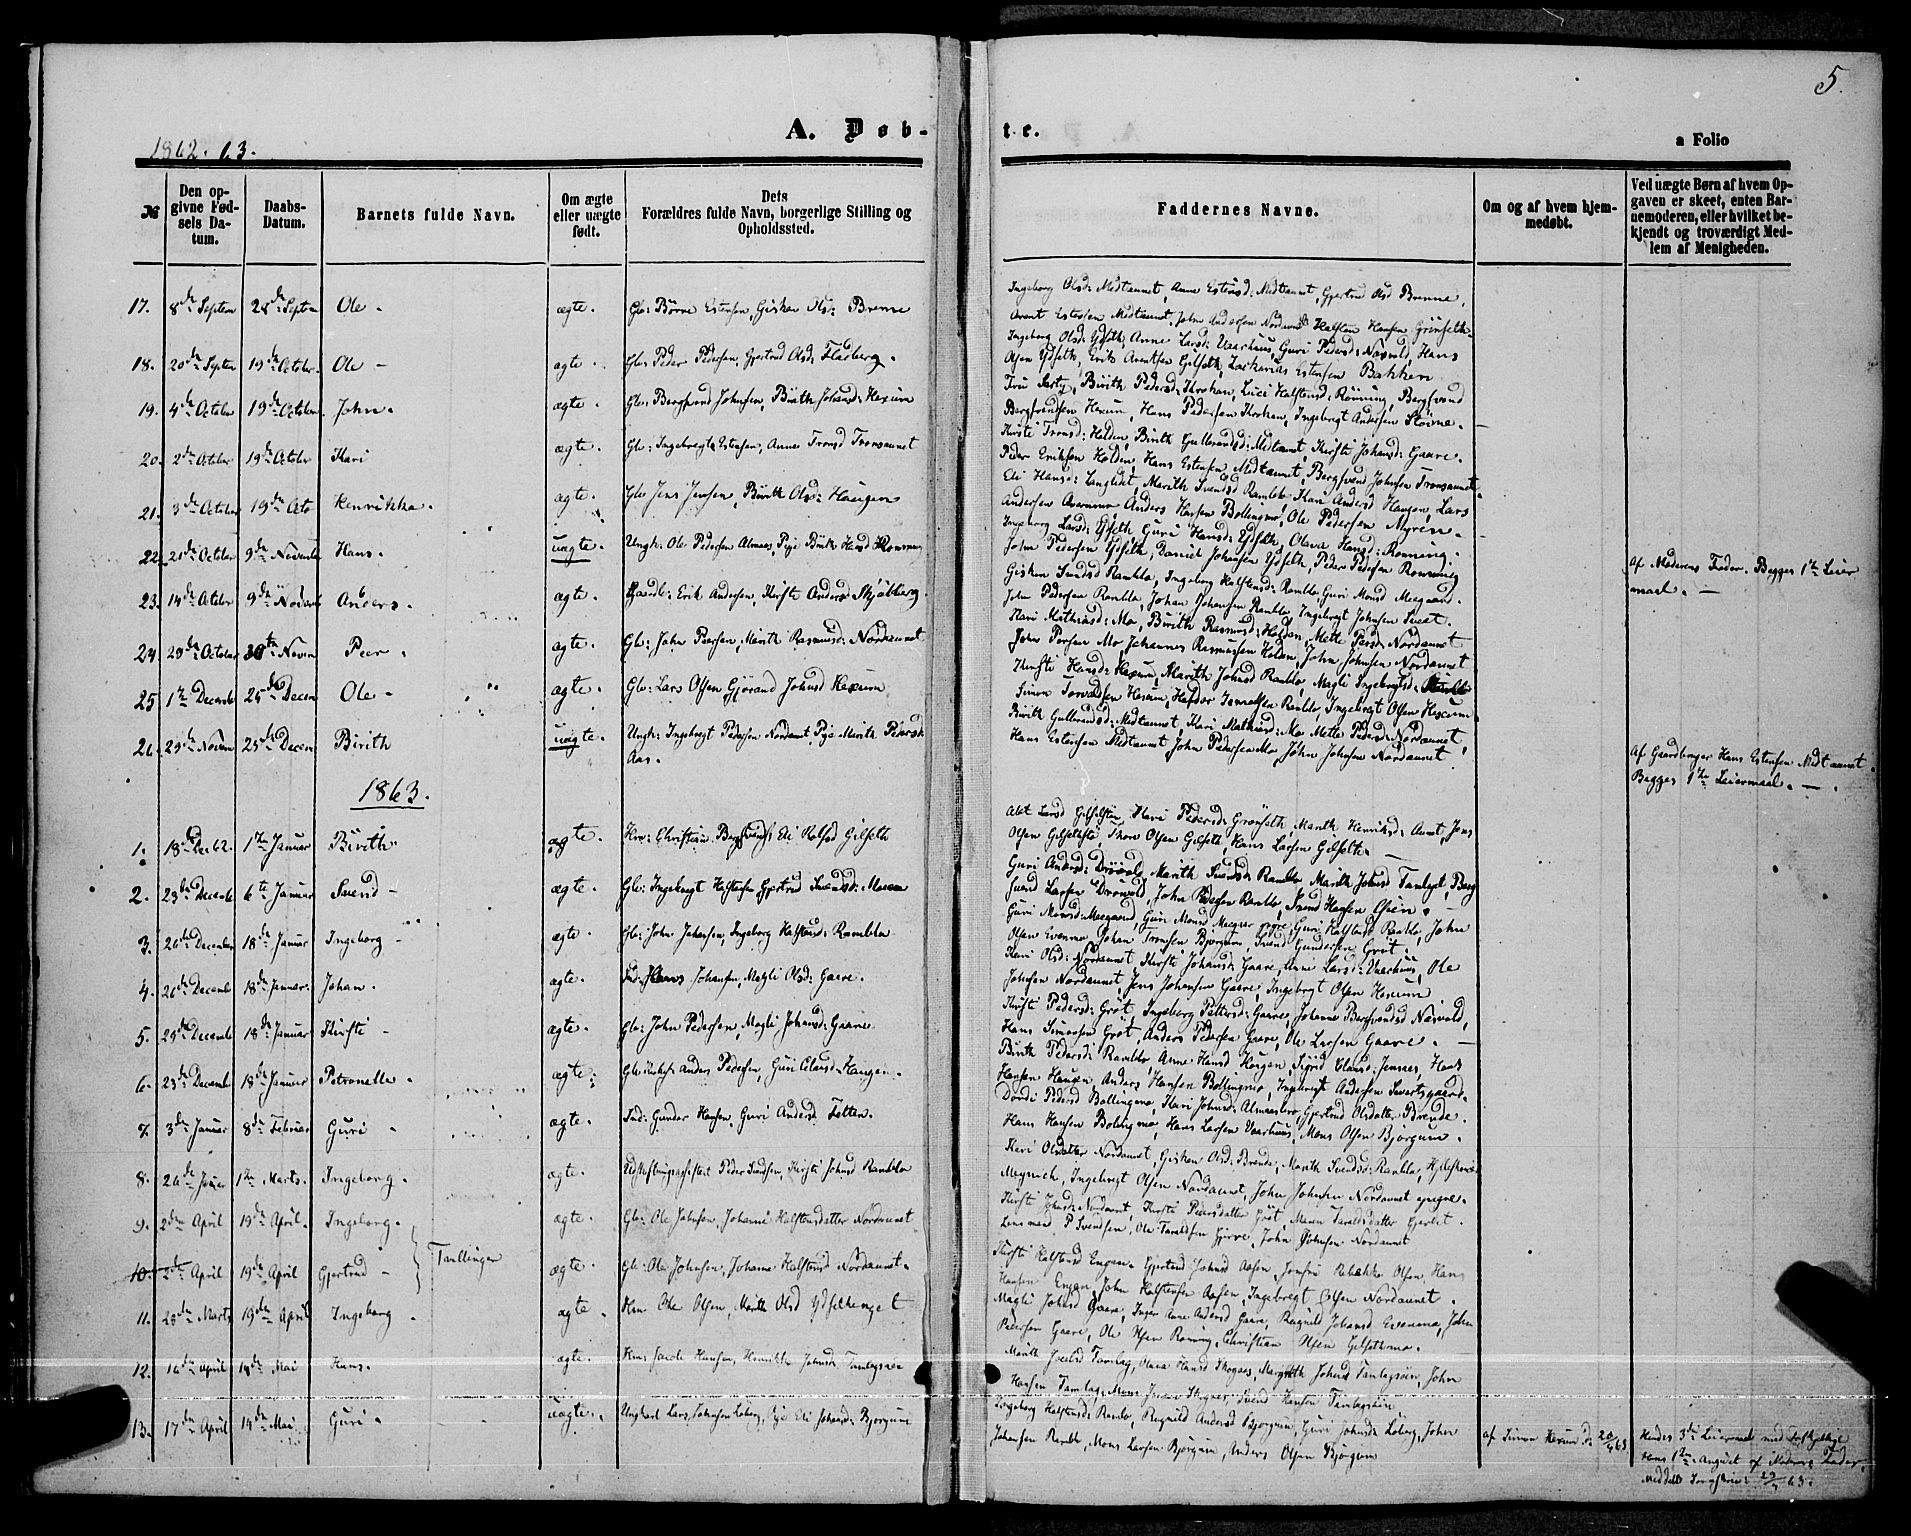 SAT, Ministerialprotokoller, klokkerbøker og fødselsregistre - Sør-Trøndelag, 685/L0966: Ministerialbok nr. 685A07 /1, 1860-1869, s. 5